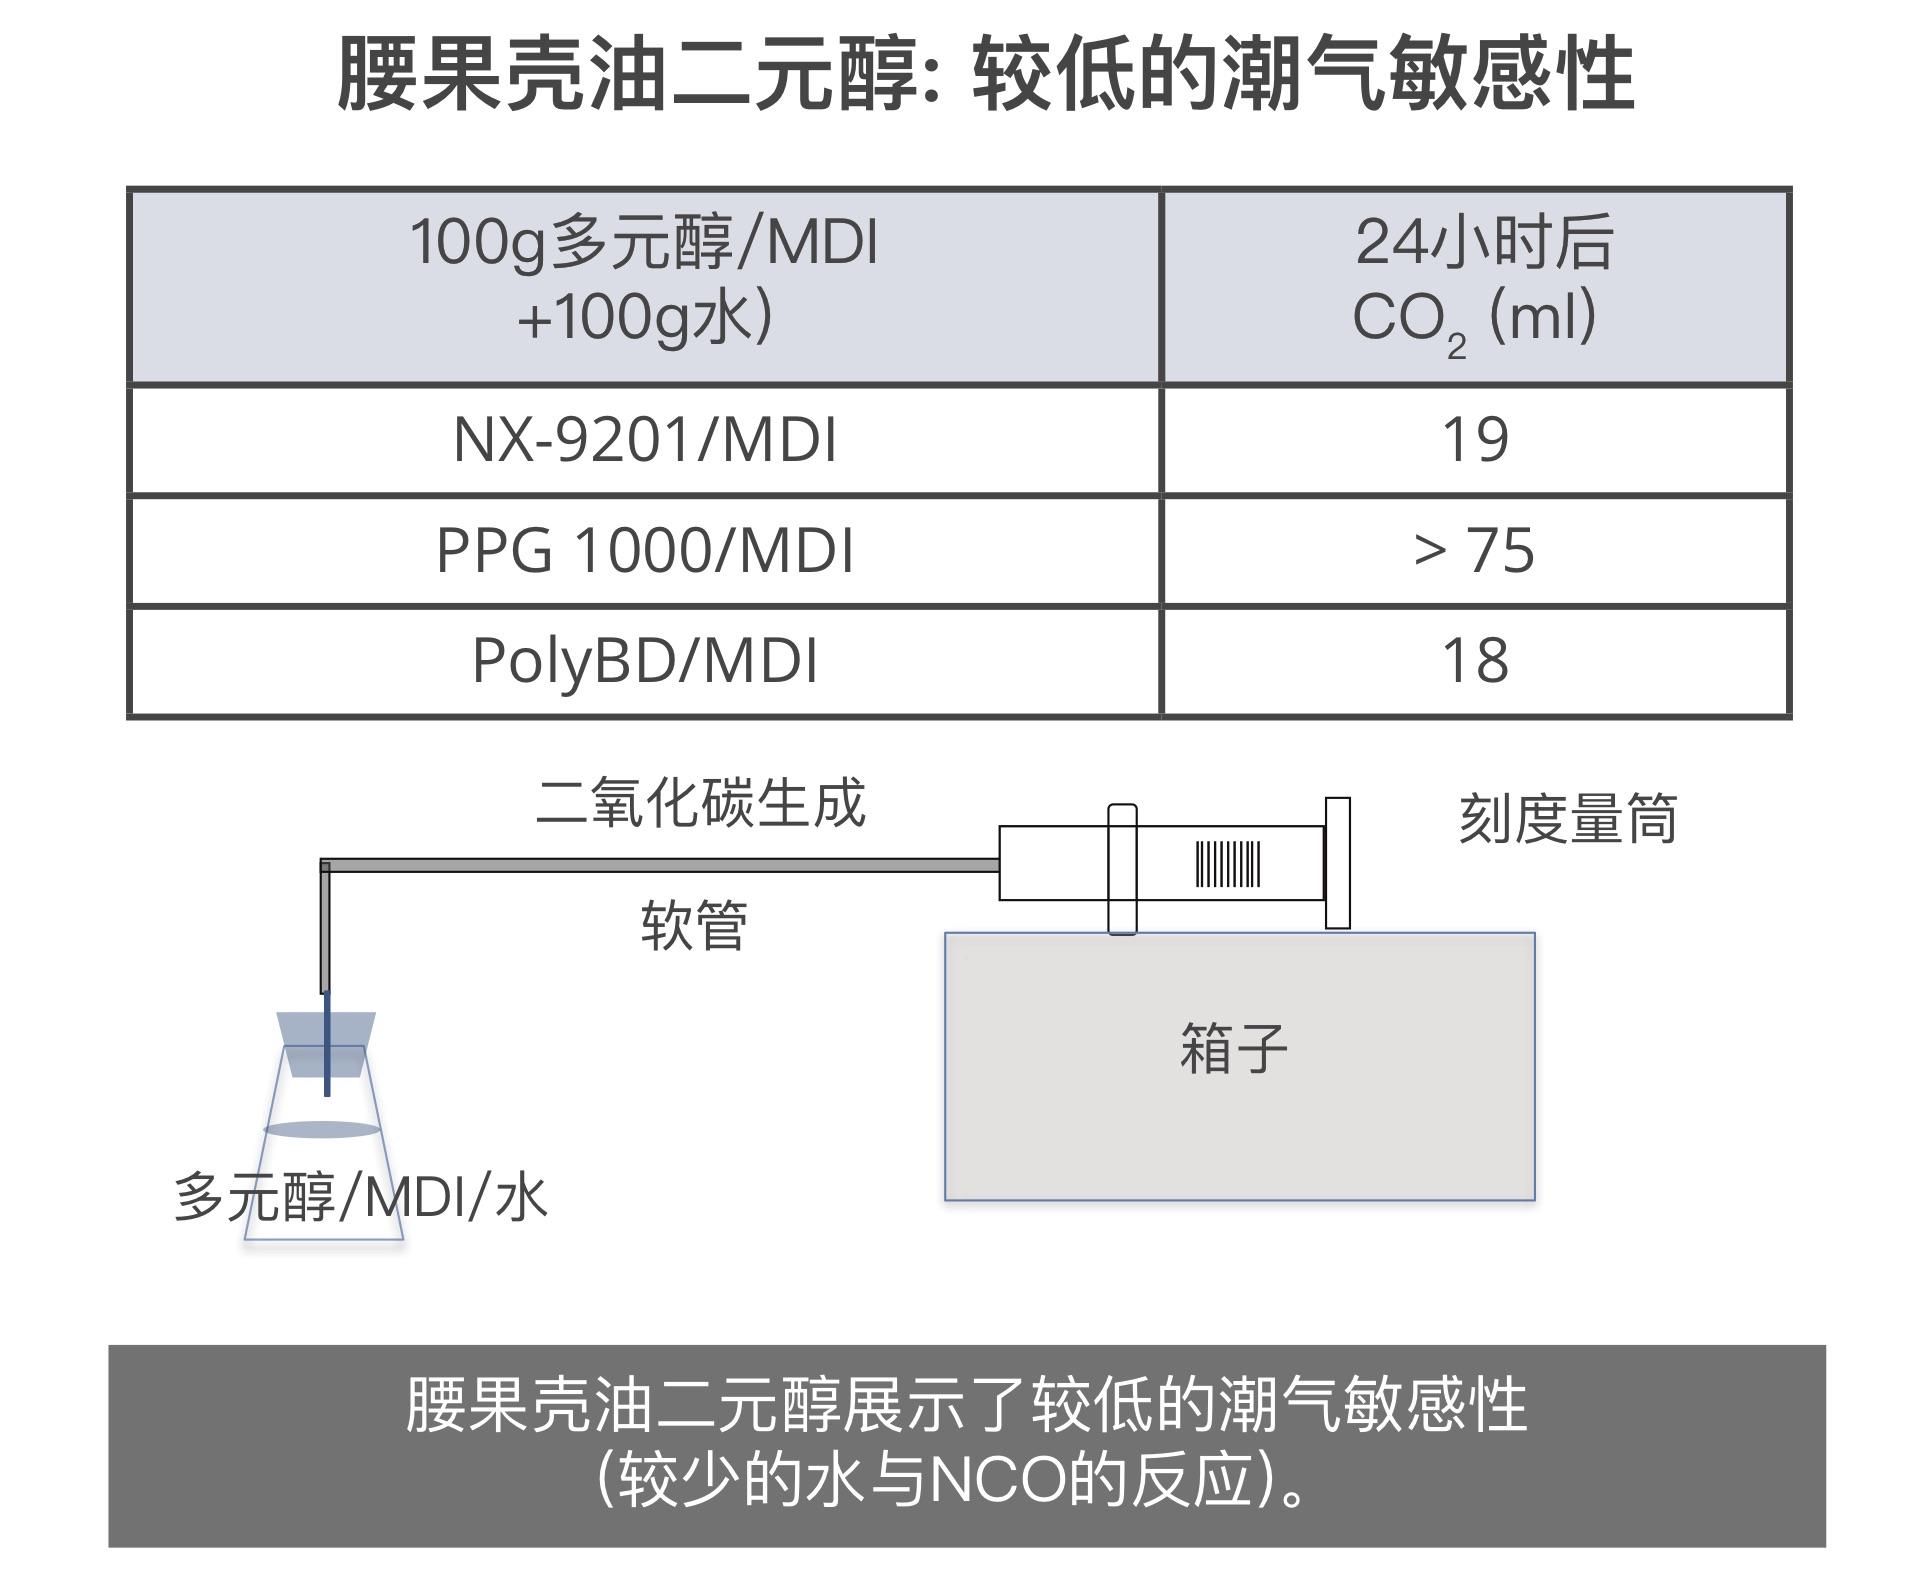 腰果壳油二元醇展示了较低的潮气敏感性,较少的水与NCO反应。